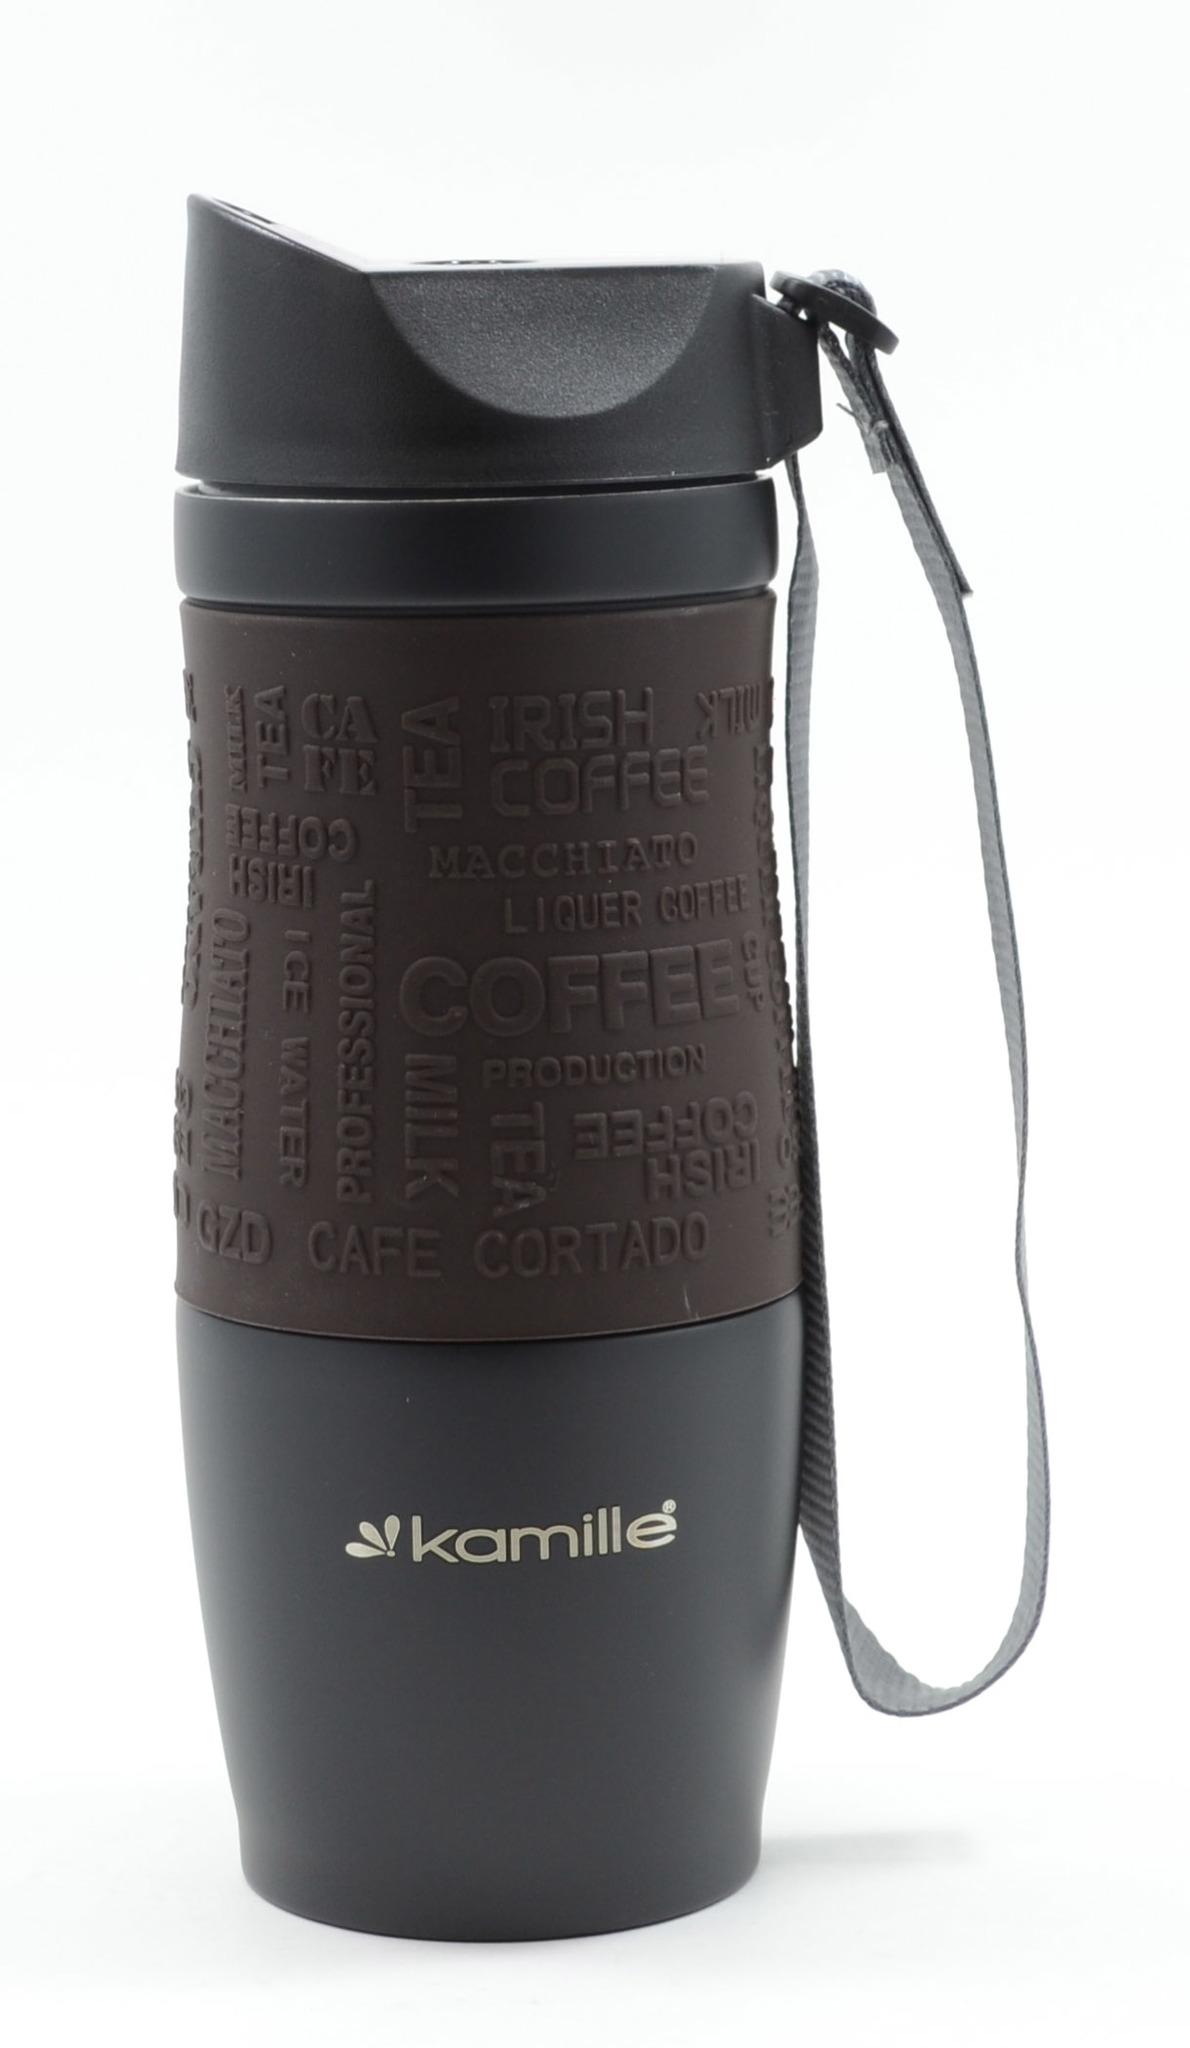 Термокружка Kamille c TPR и ремешком 380 мл. коричневая